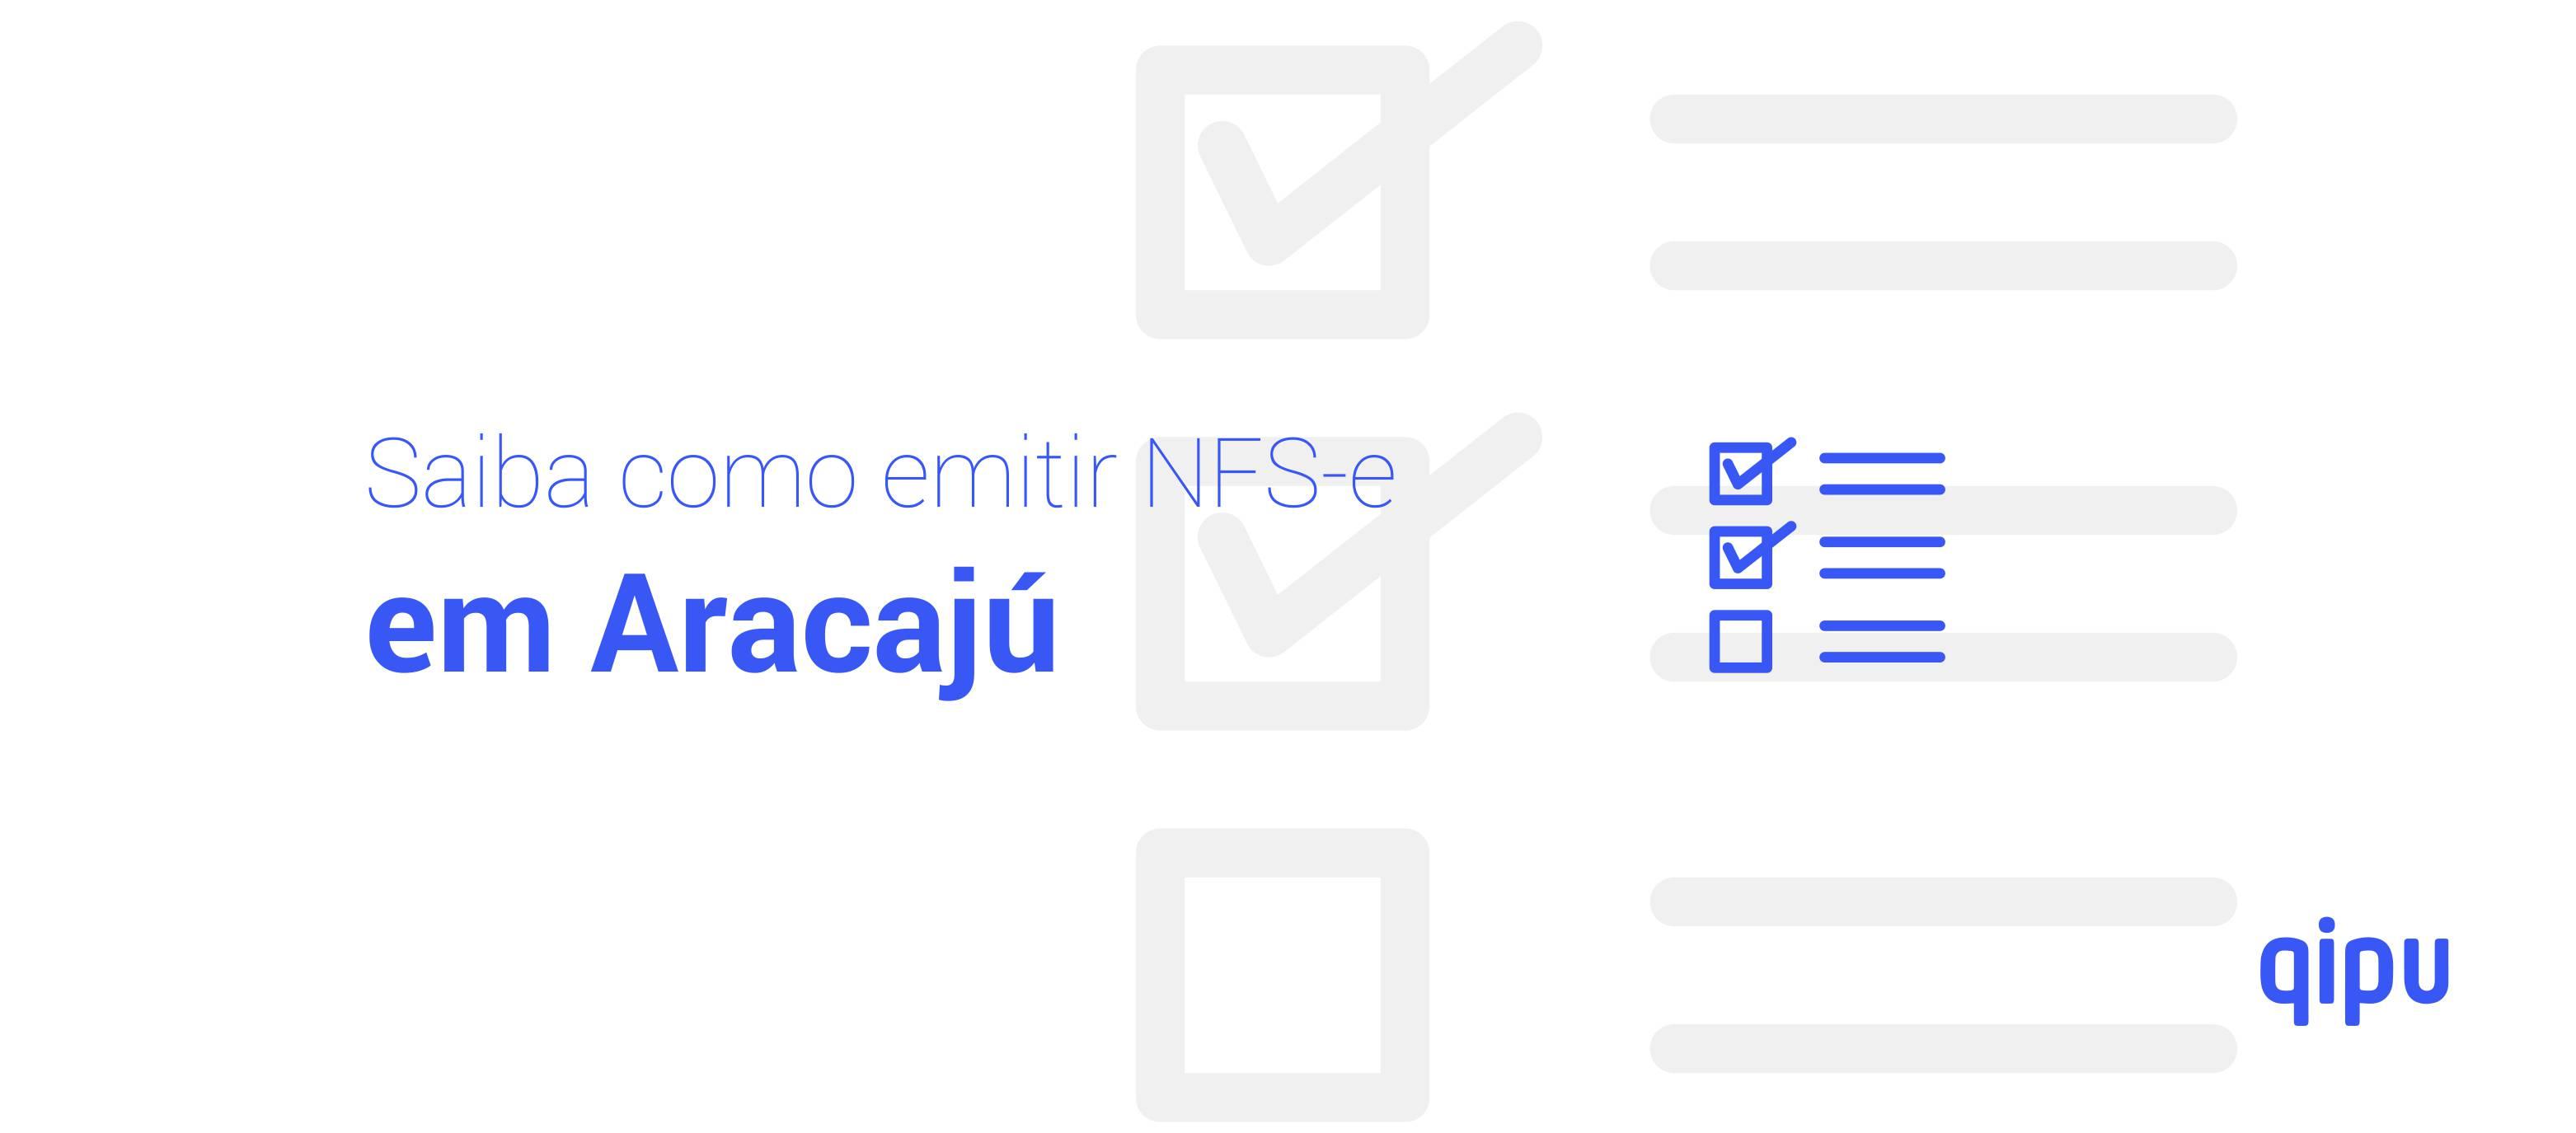 Como emitir NFS-e em Aracajú?